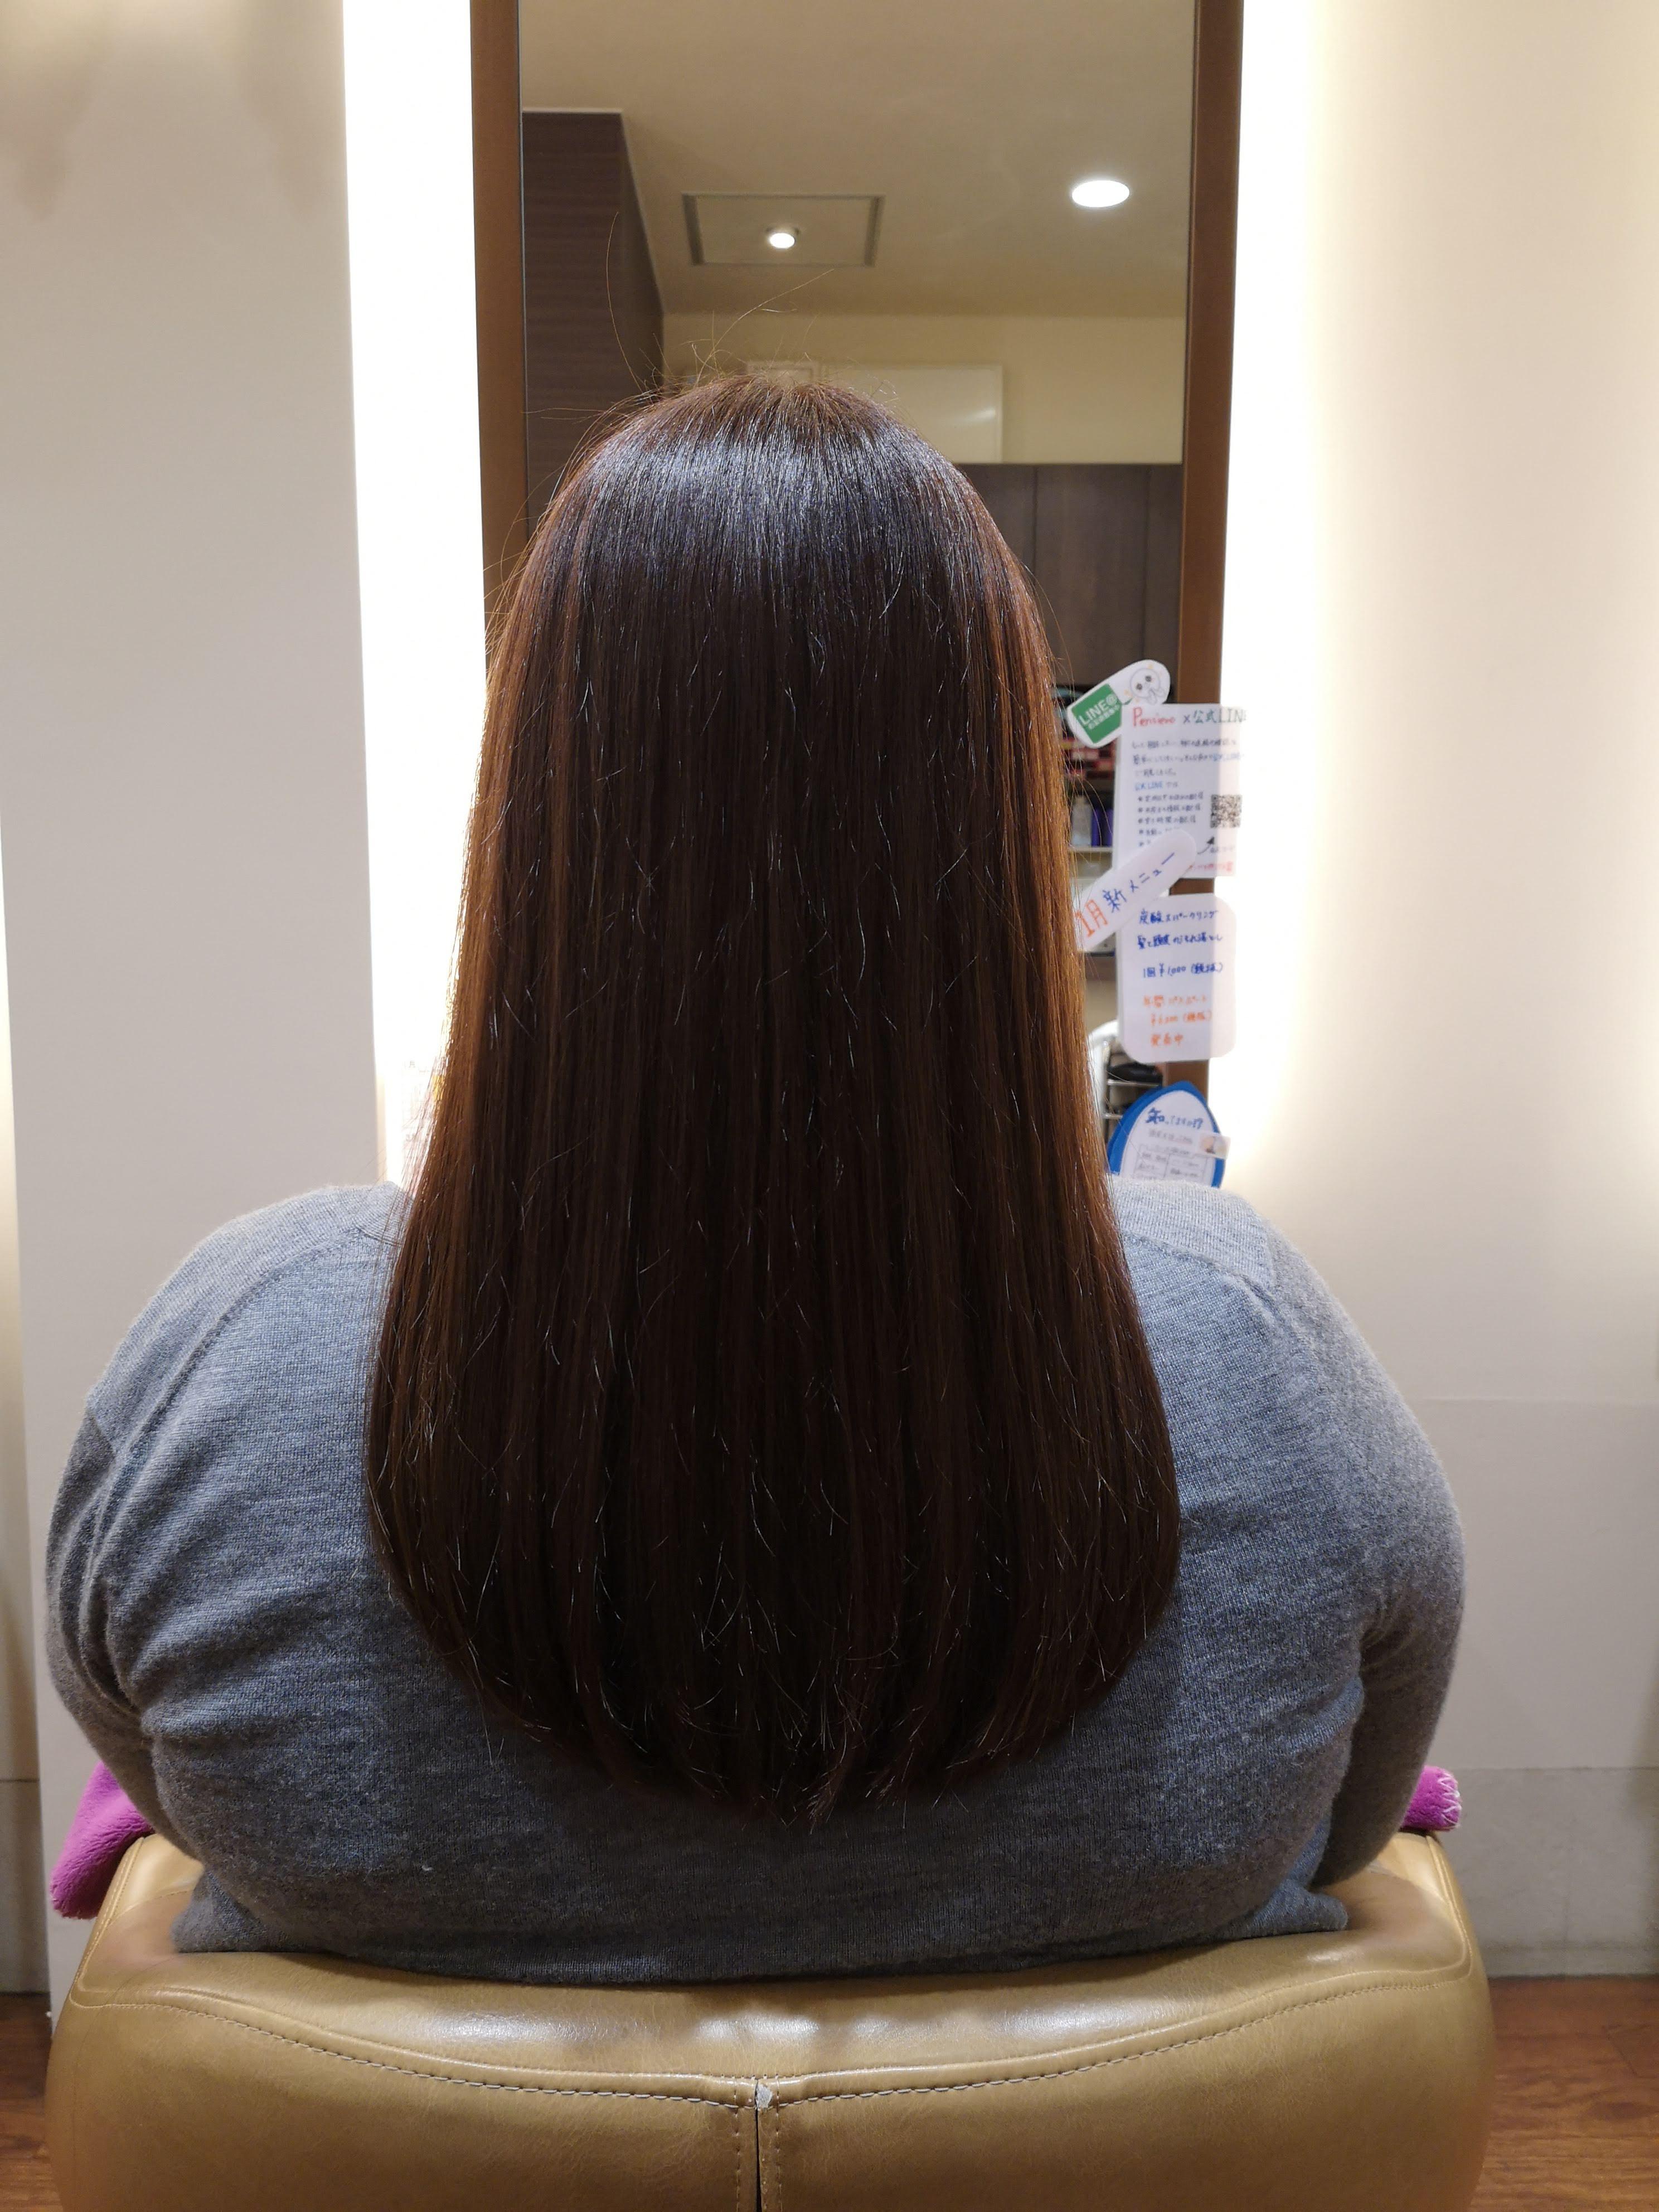 毛 チリチリ 縮 矯正 【軟化チェックなんてしないでいい】縮毛矯正の還元と軟化の違い